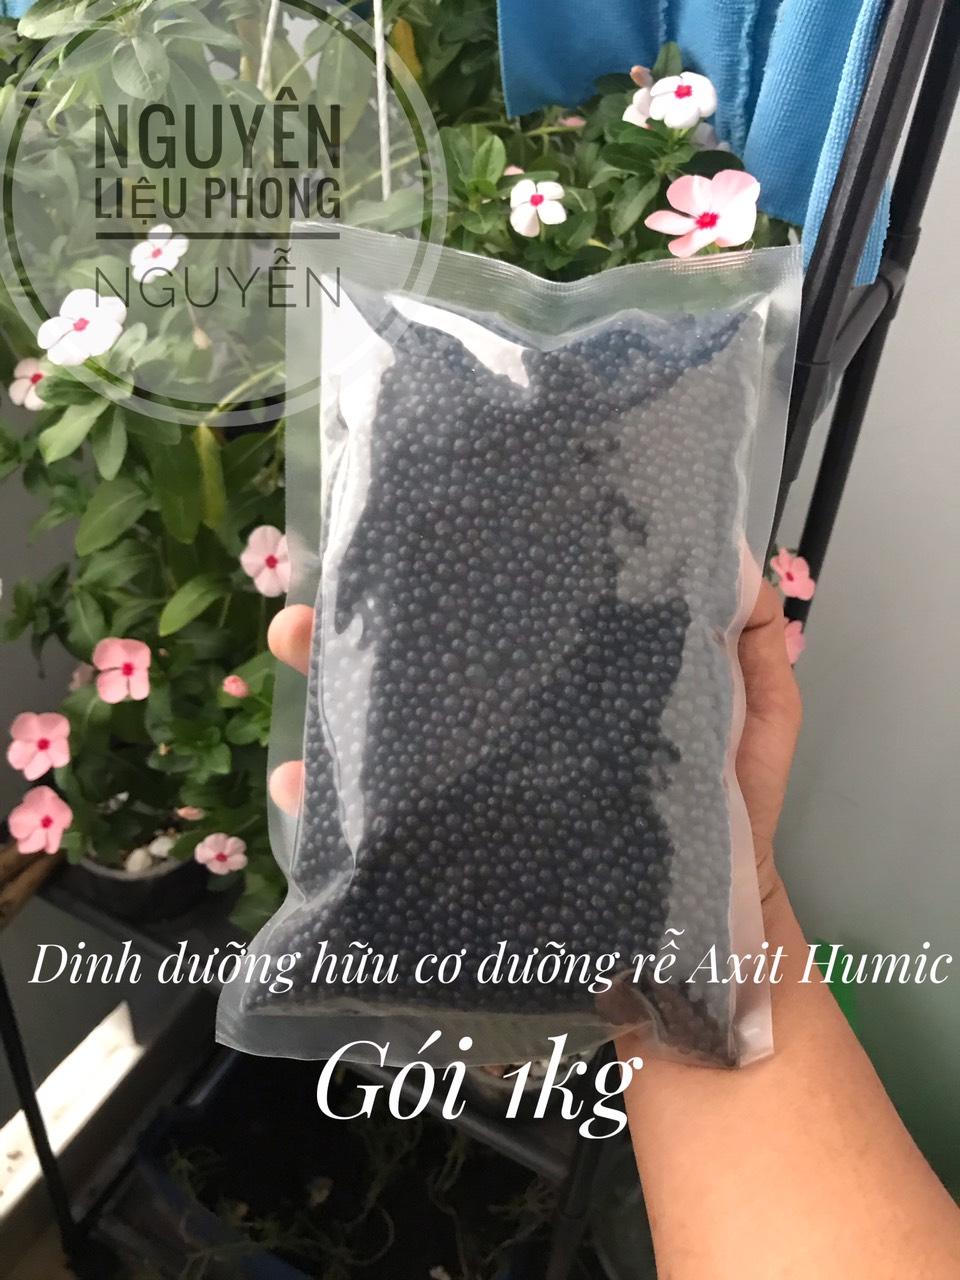 1kg-Super humic hạt dưỡng rễ tốt cây xanh lá # axit Humic hạt gói 1kg